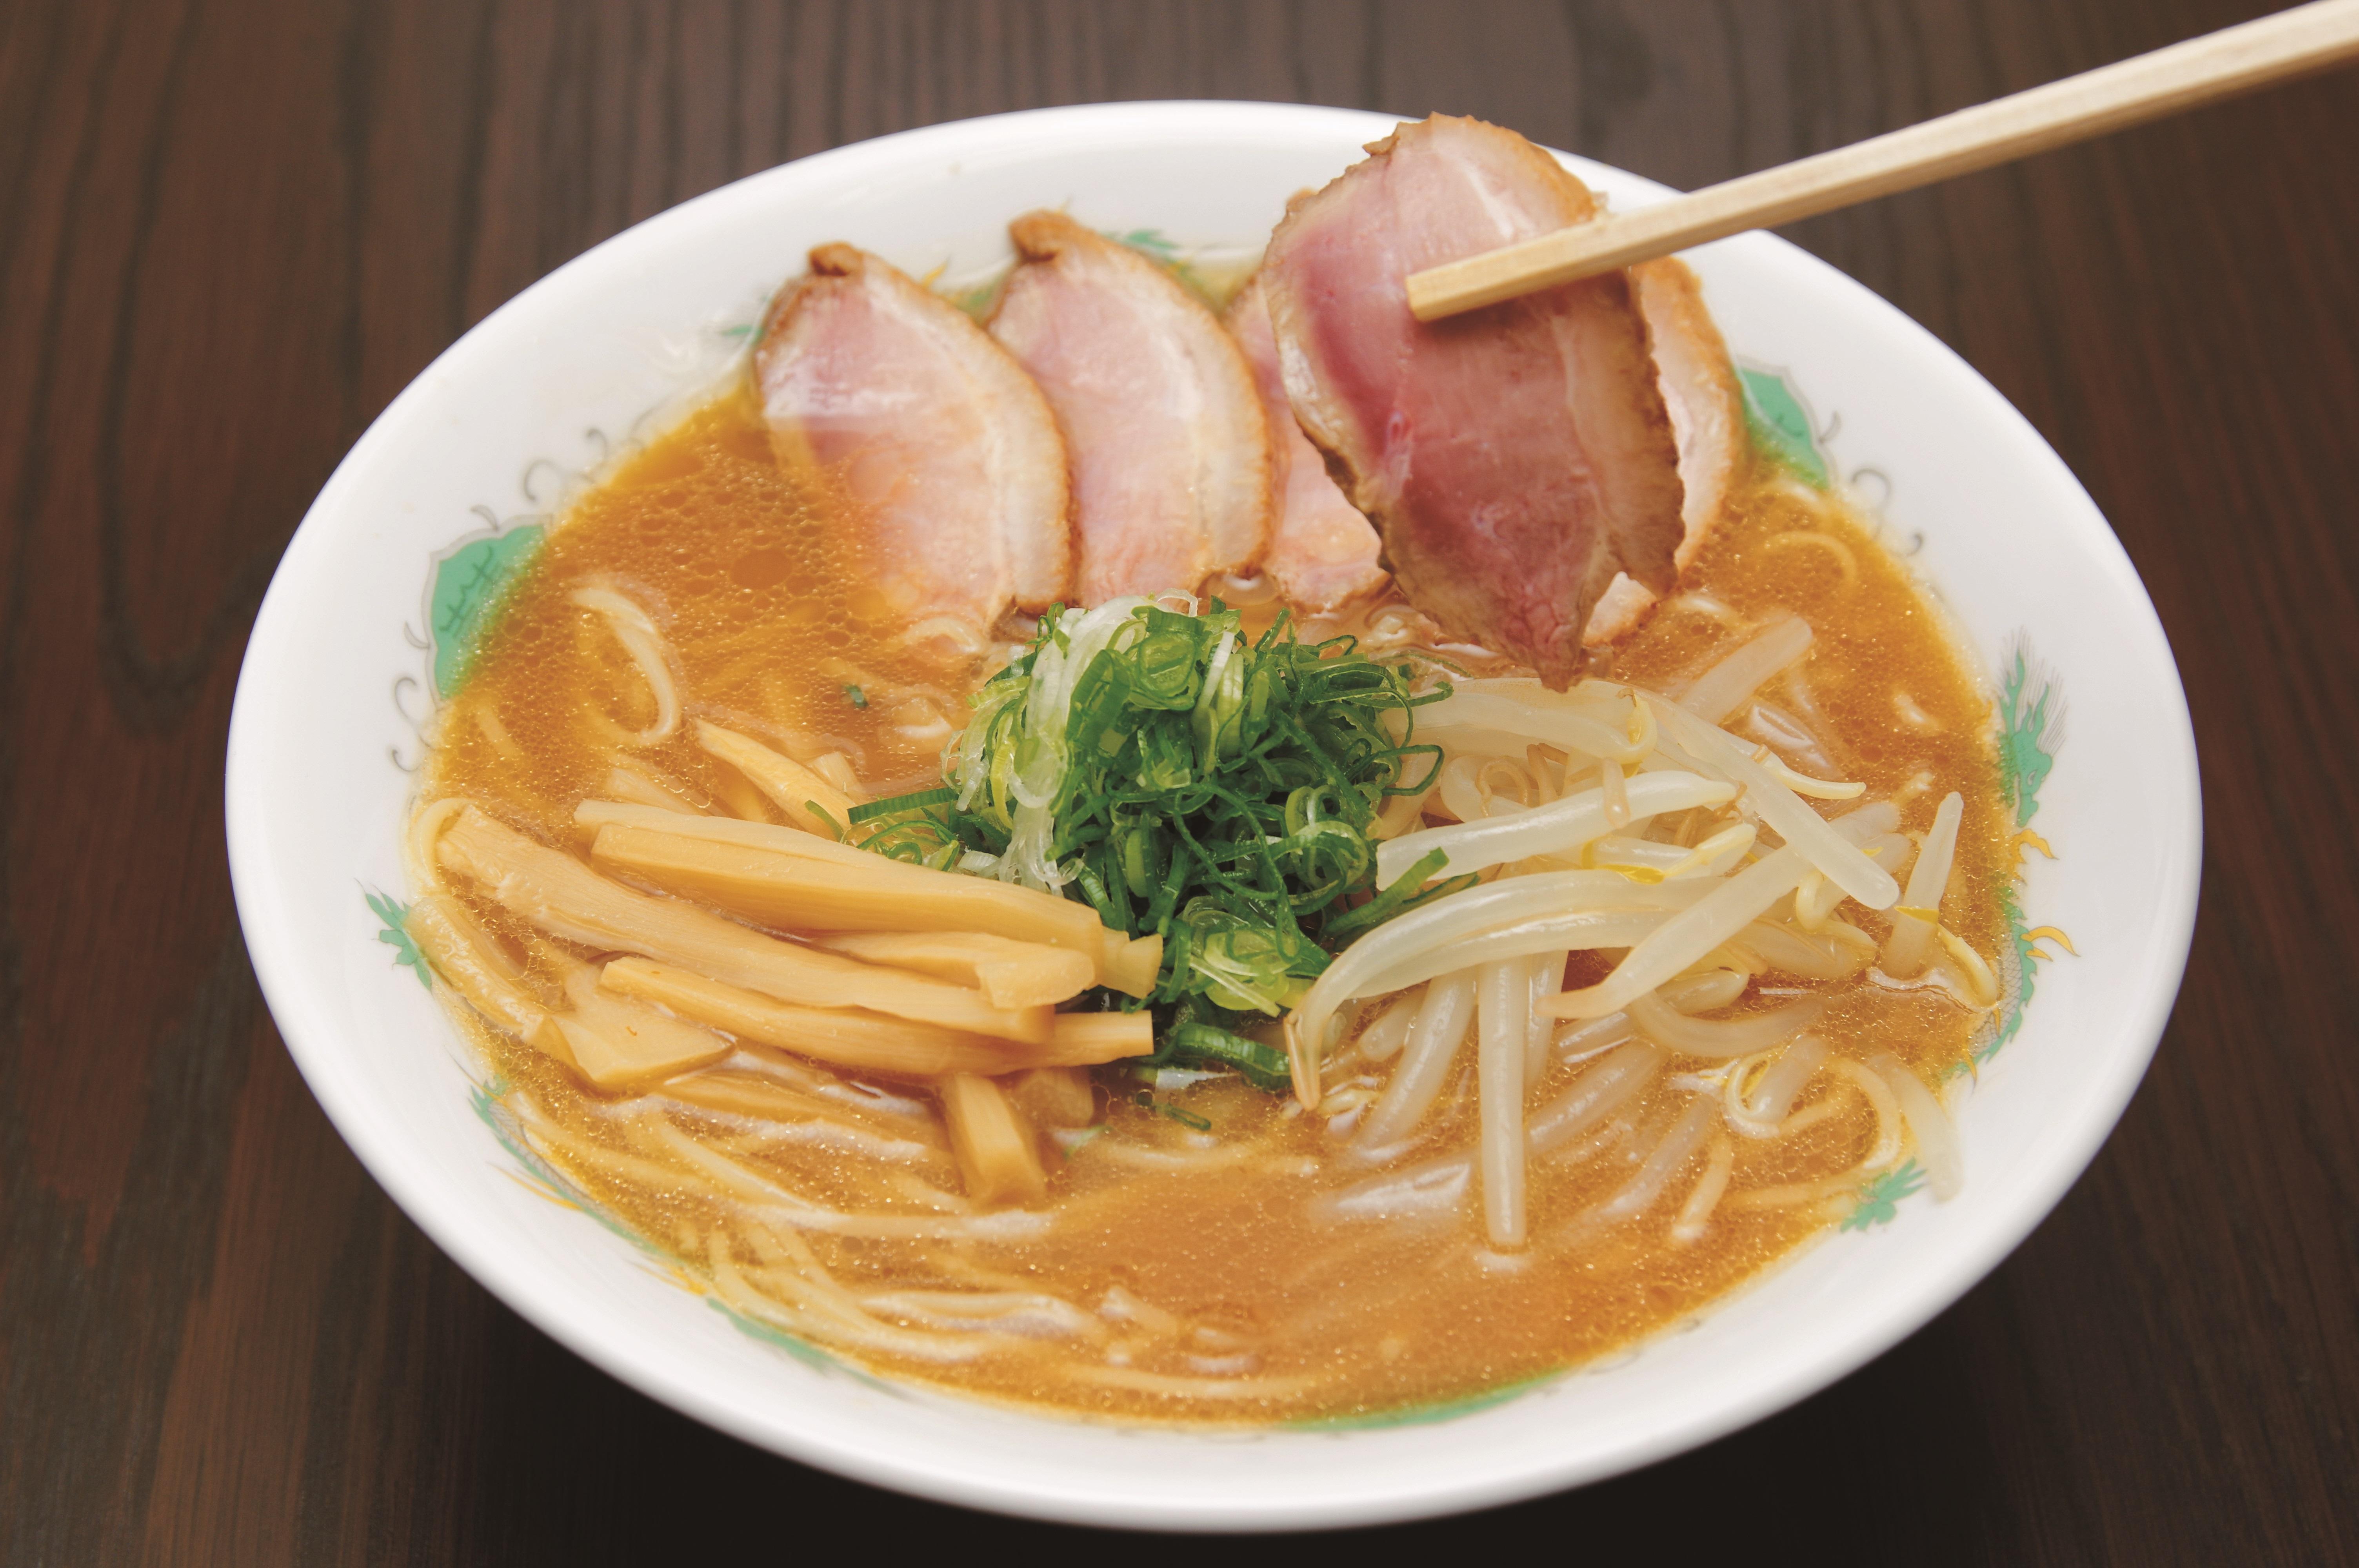 徳島のハルキストよ、注目っ! あと2か月も使える麺パスがお得って話。